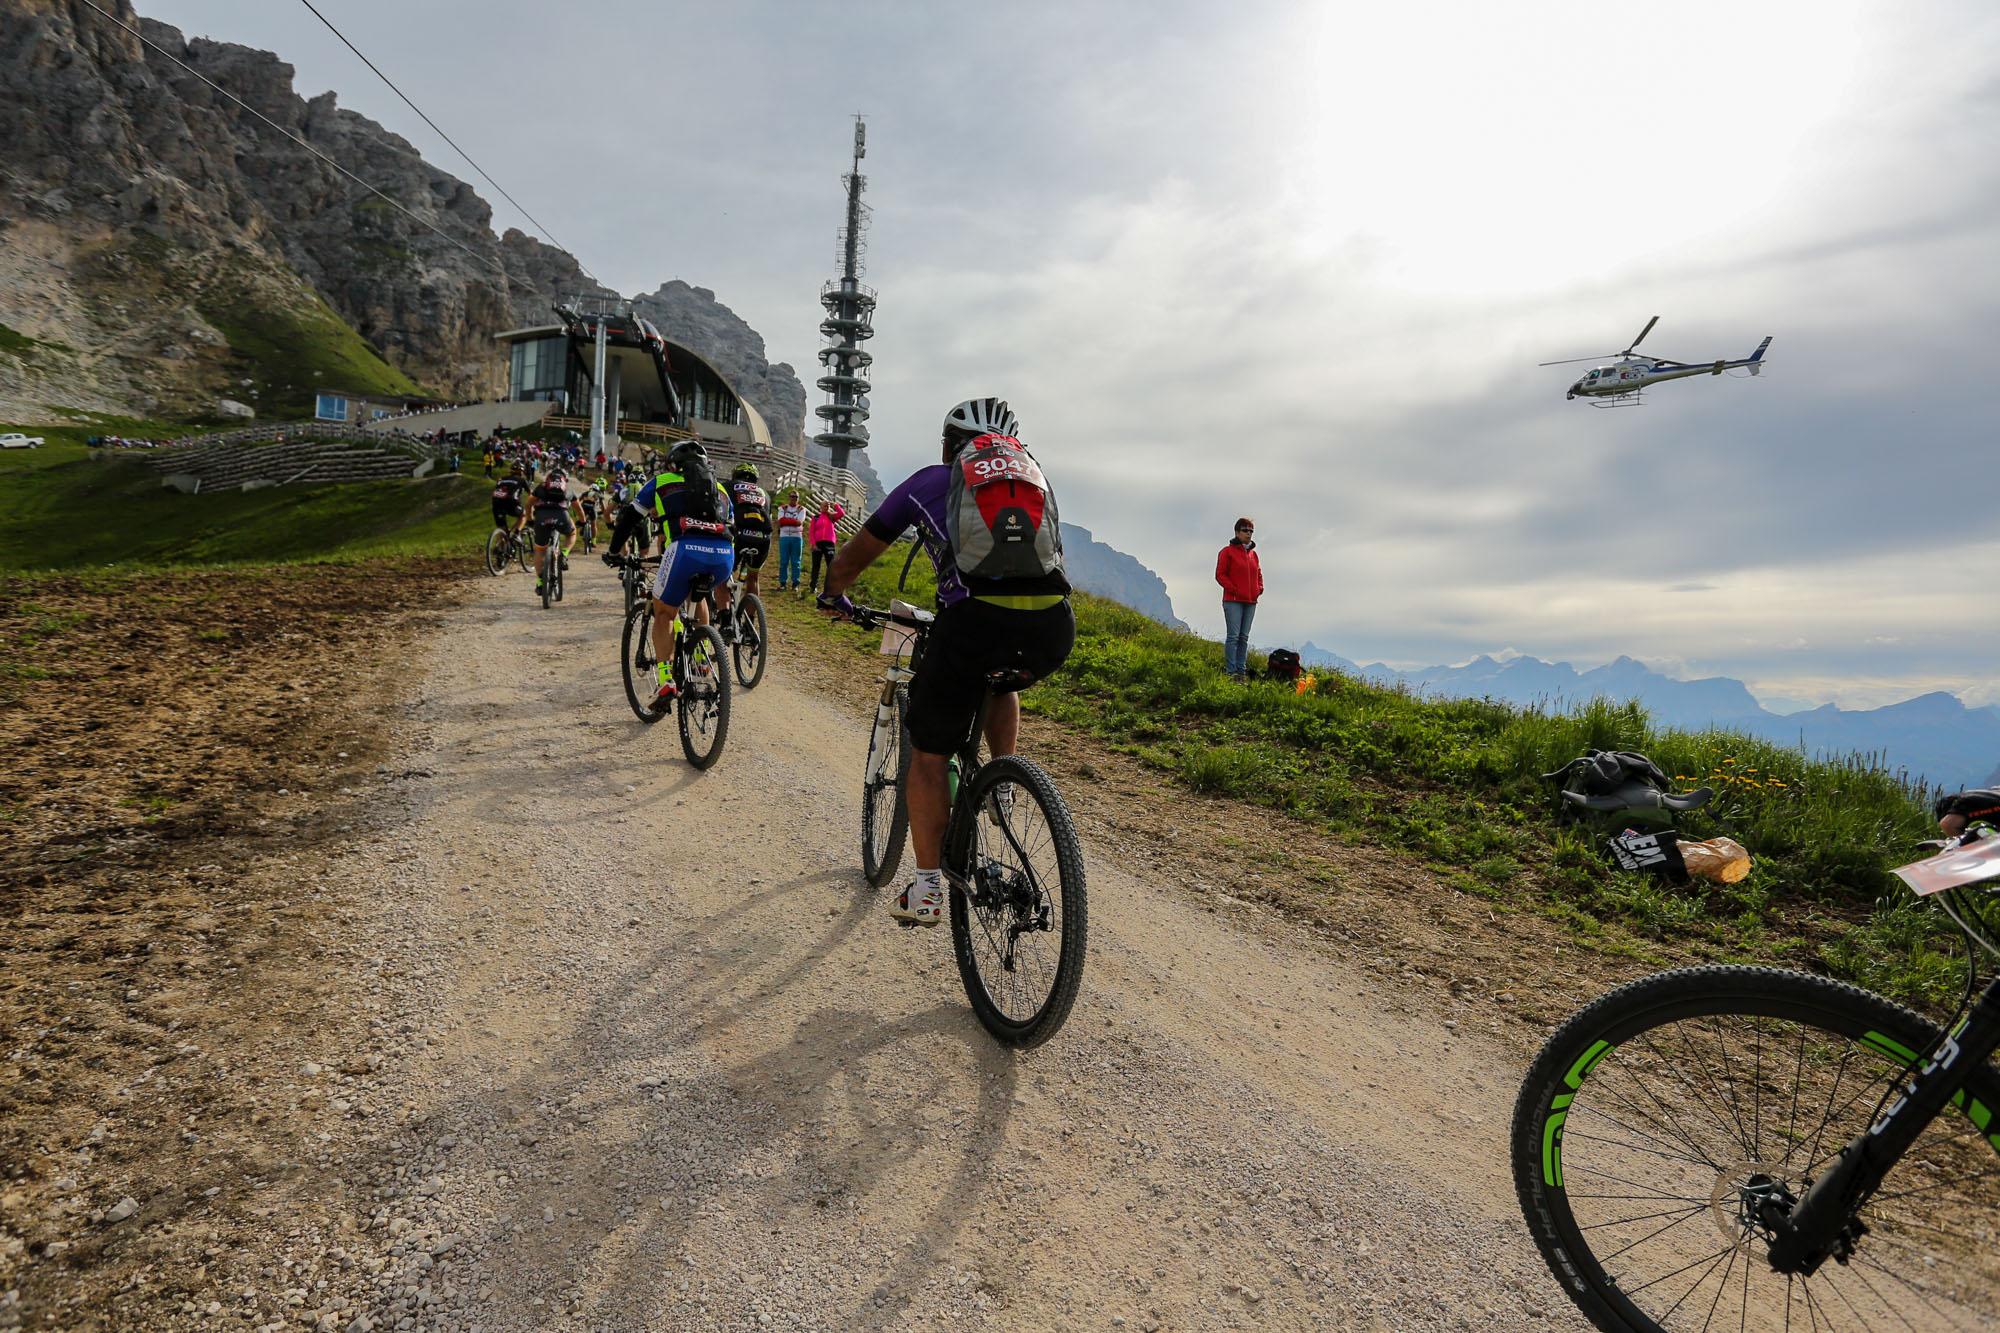 Eine Gruppe Mountainbiker fährt einen steilen Anstieg hoch.